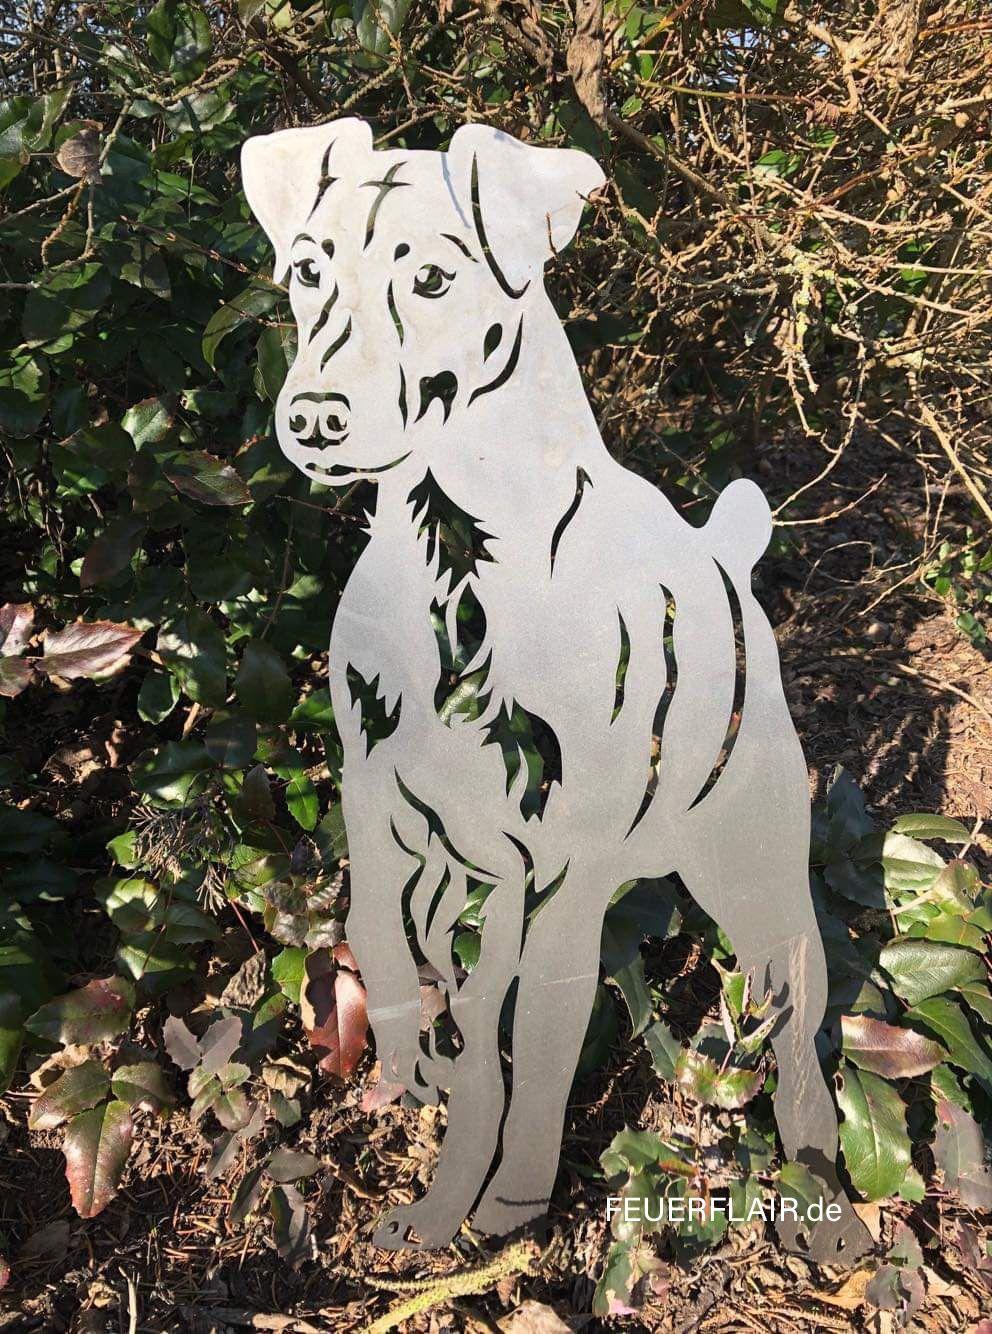 Gartenfigur Jagdterrier Gartenfiguren Terrier Jagd